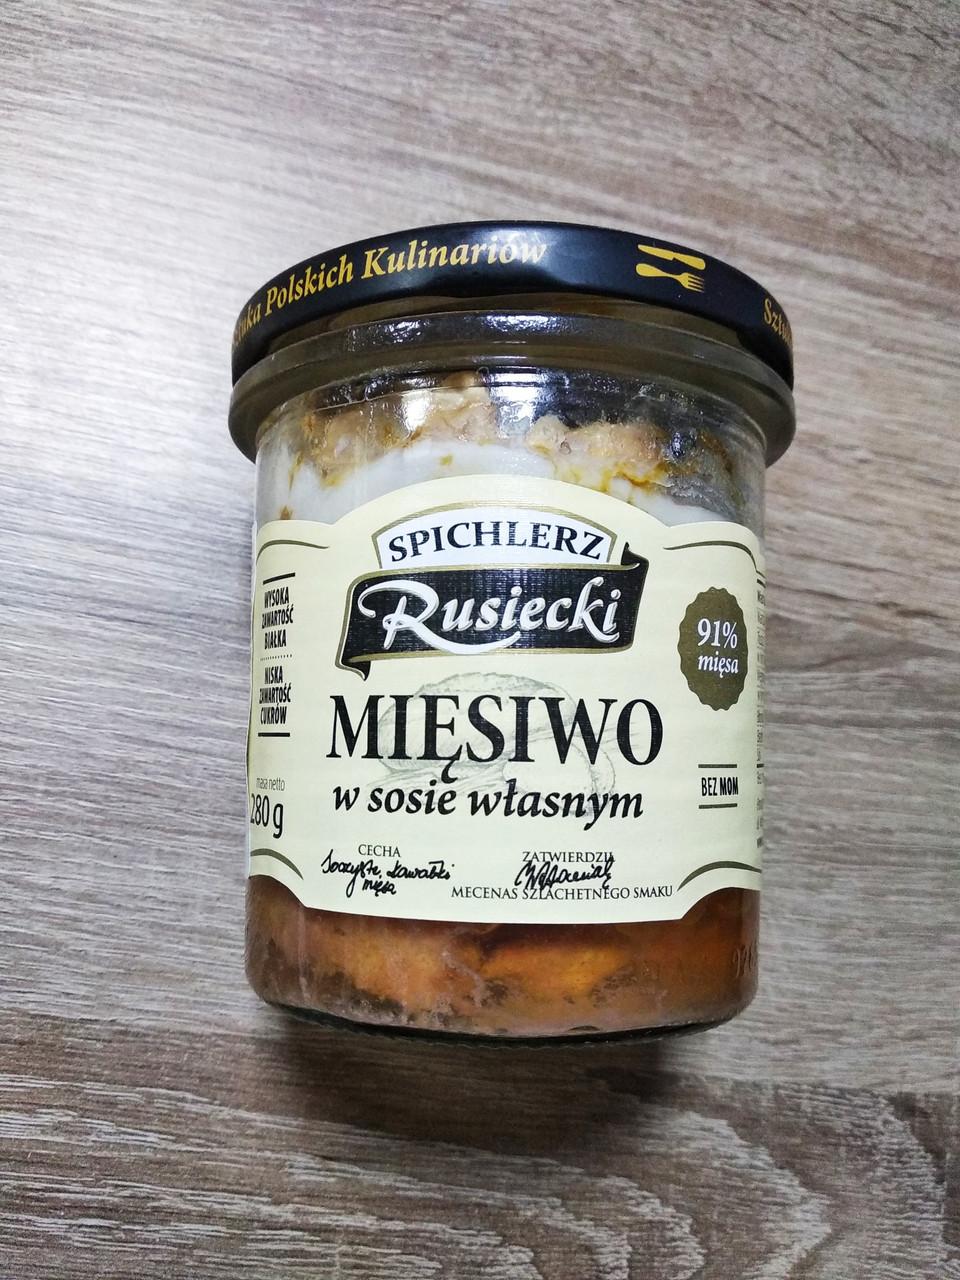 Тушонка Rusiecki свинина у власному соці 280 гр.